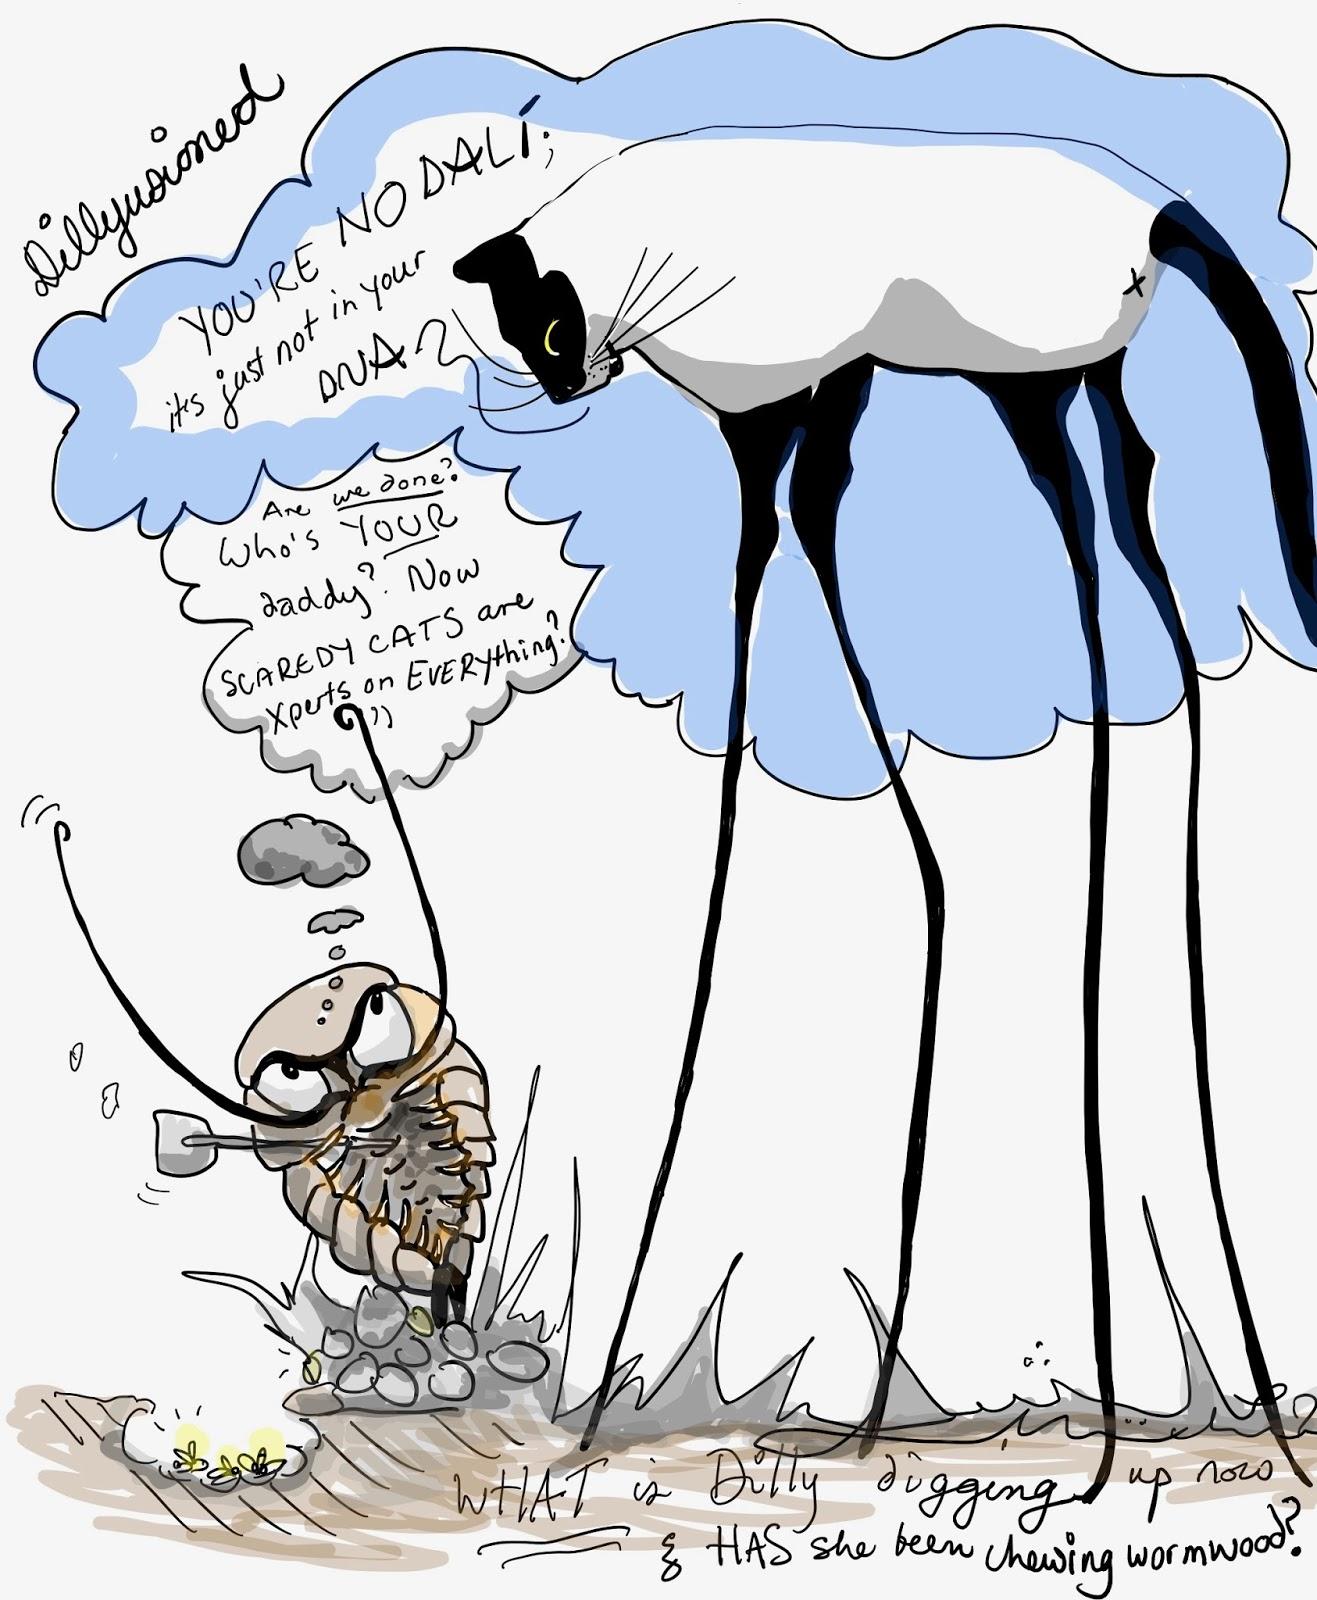 Dig up Dalí's DNA